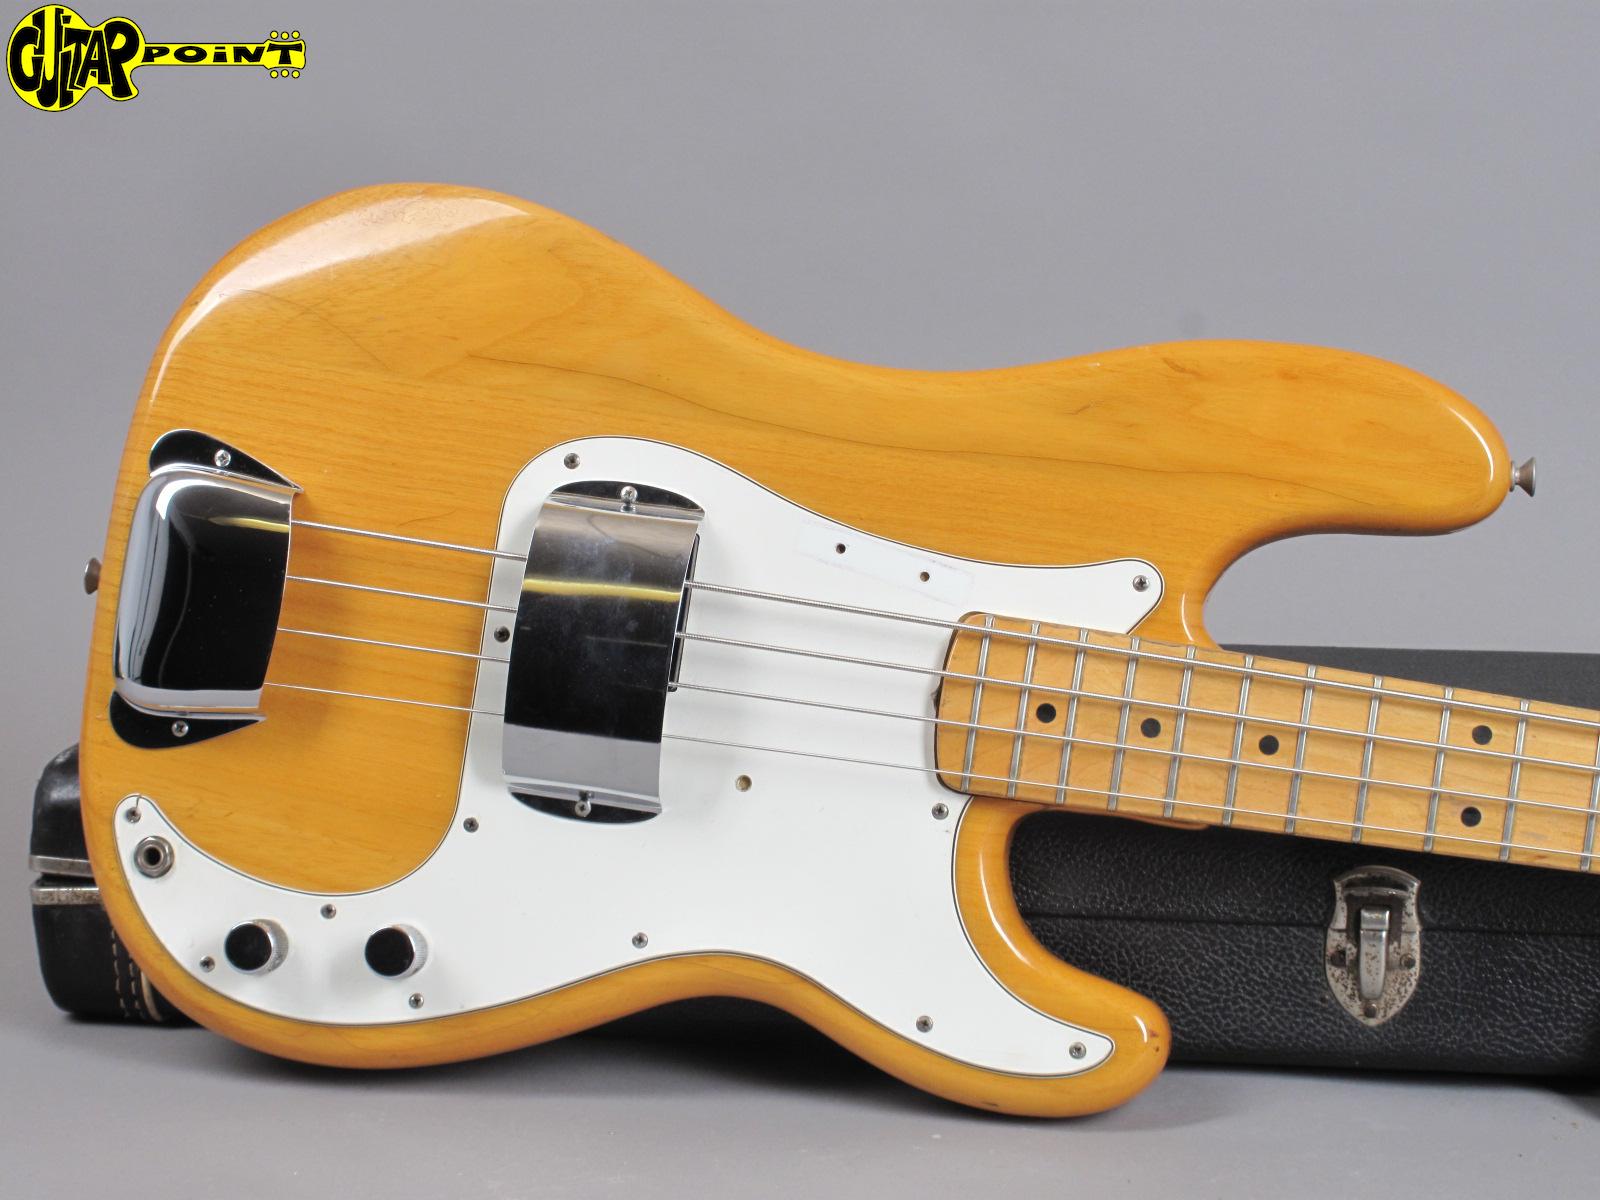 https://guitarpoint.de/app/uploads/products/1973-fender-precision-bass-natural-2/Fender1973PBNat388119_11.jpg